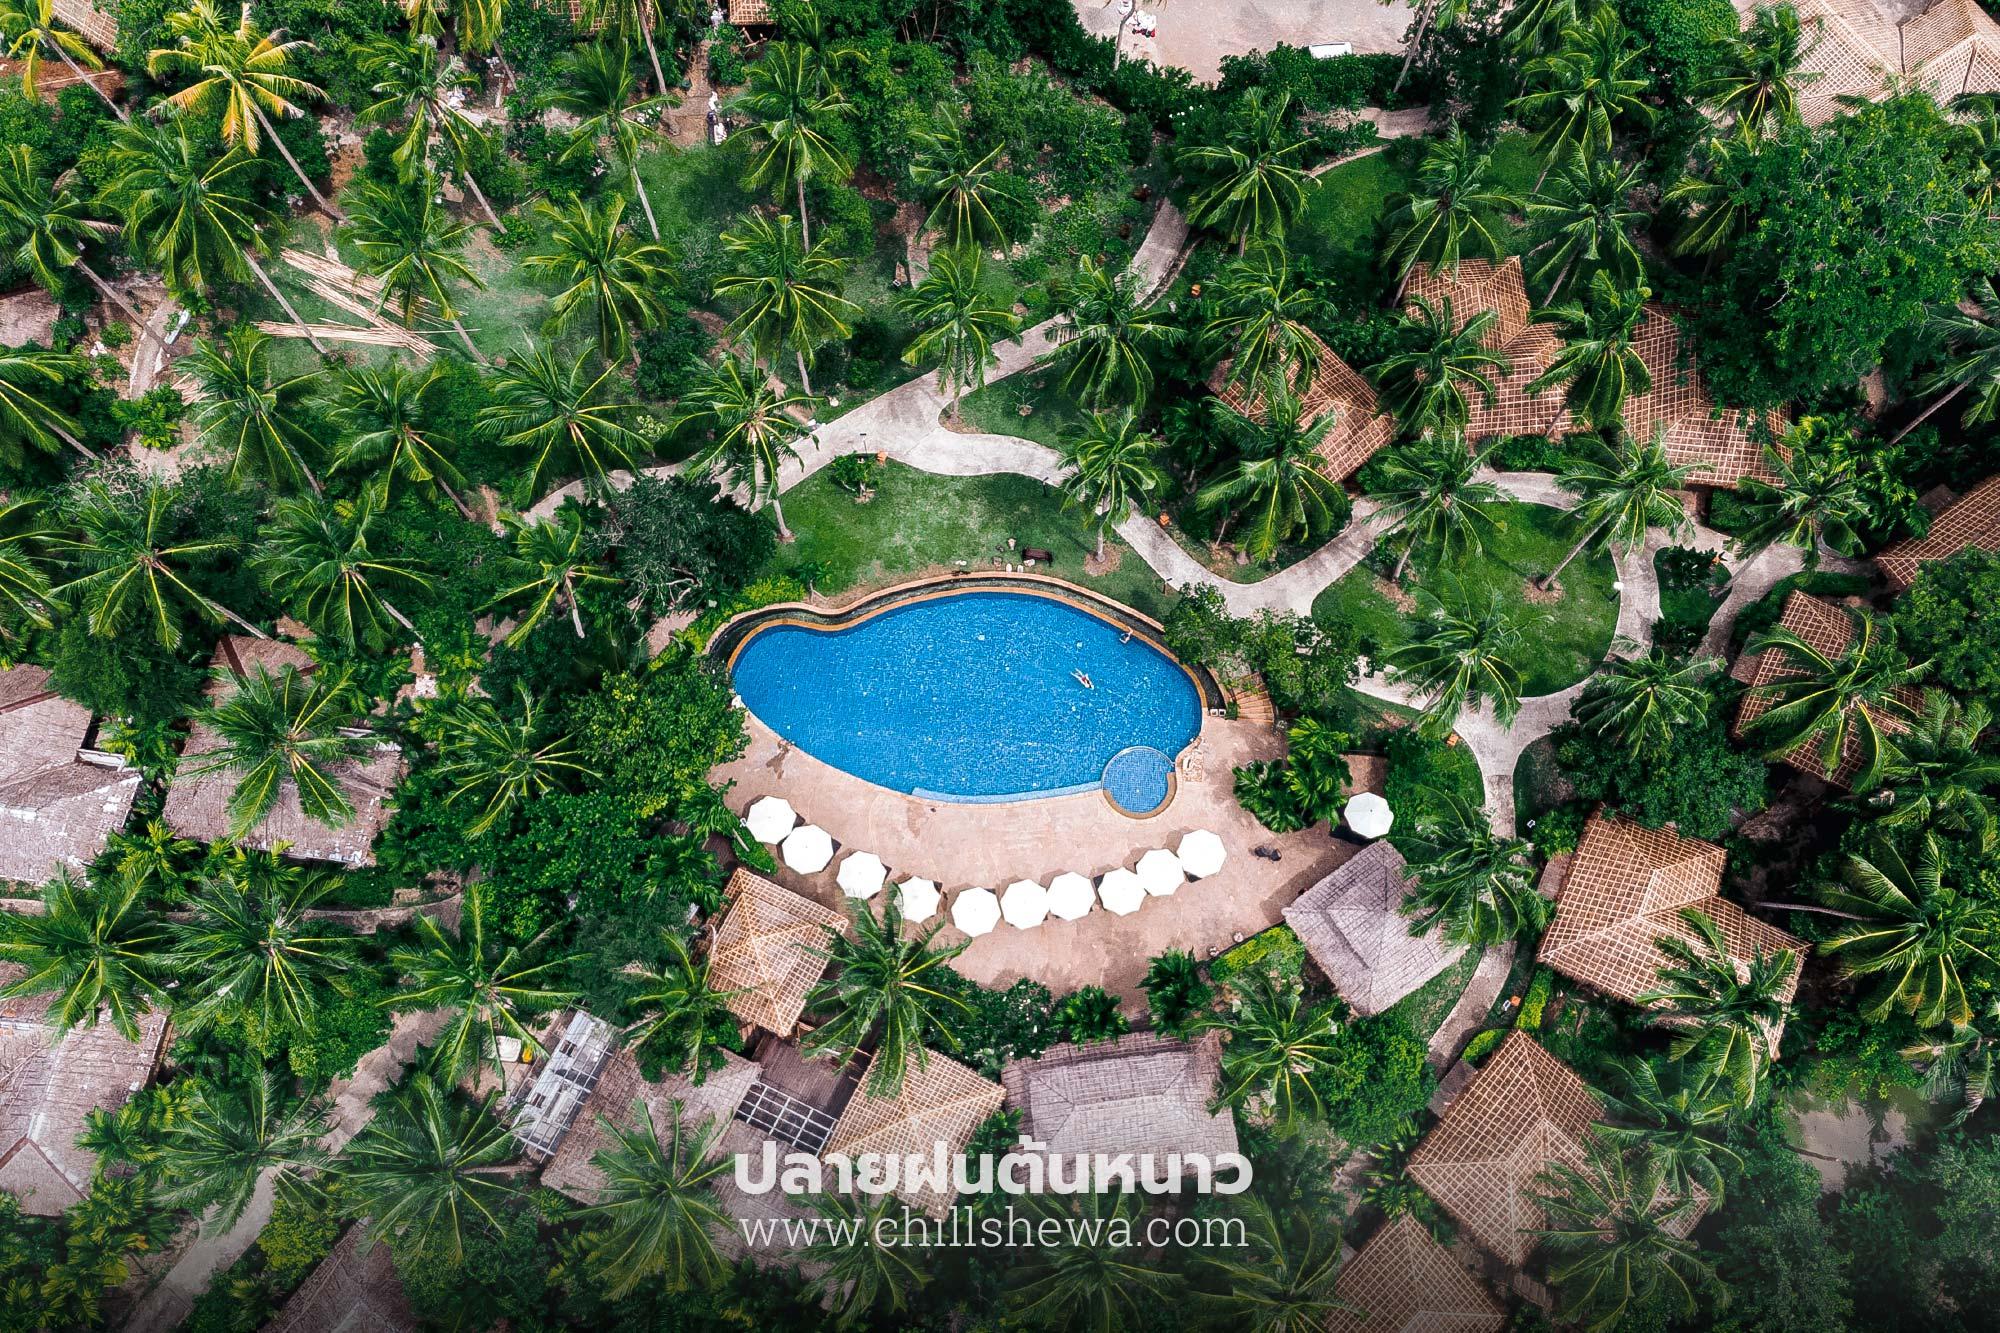 บ้านใสใน รีสอร์ท BAAN SAINAI RESORT  บ้านใสใน รีสอร์ท Ban Sainai Resort อ่าวนาง กระบี่                                                Ban Sainai Resort 01 1